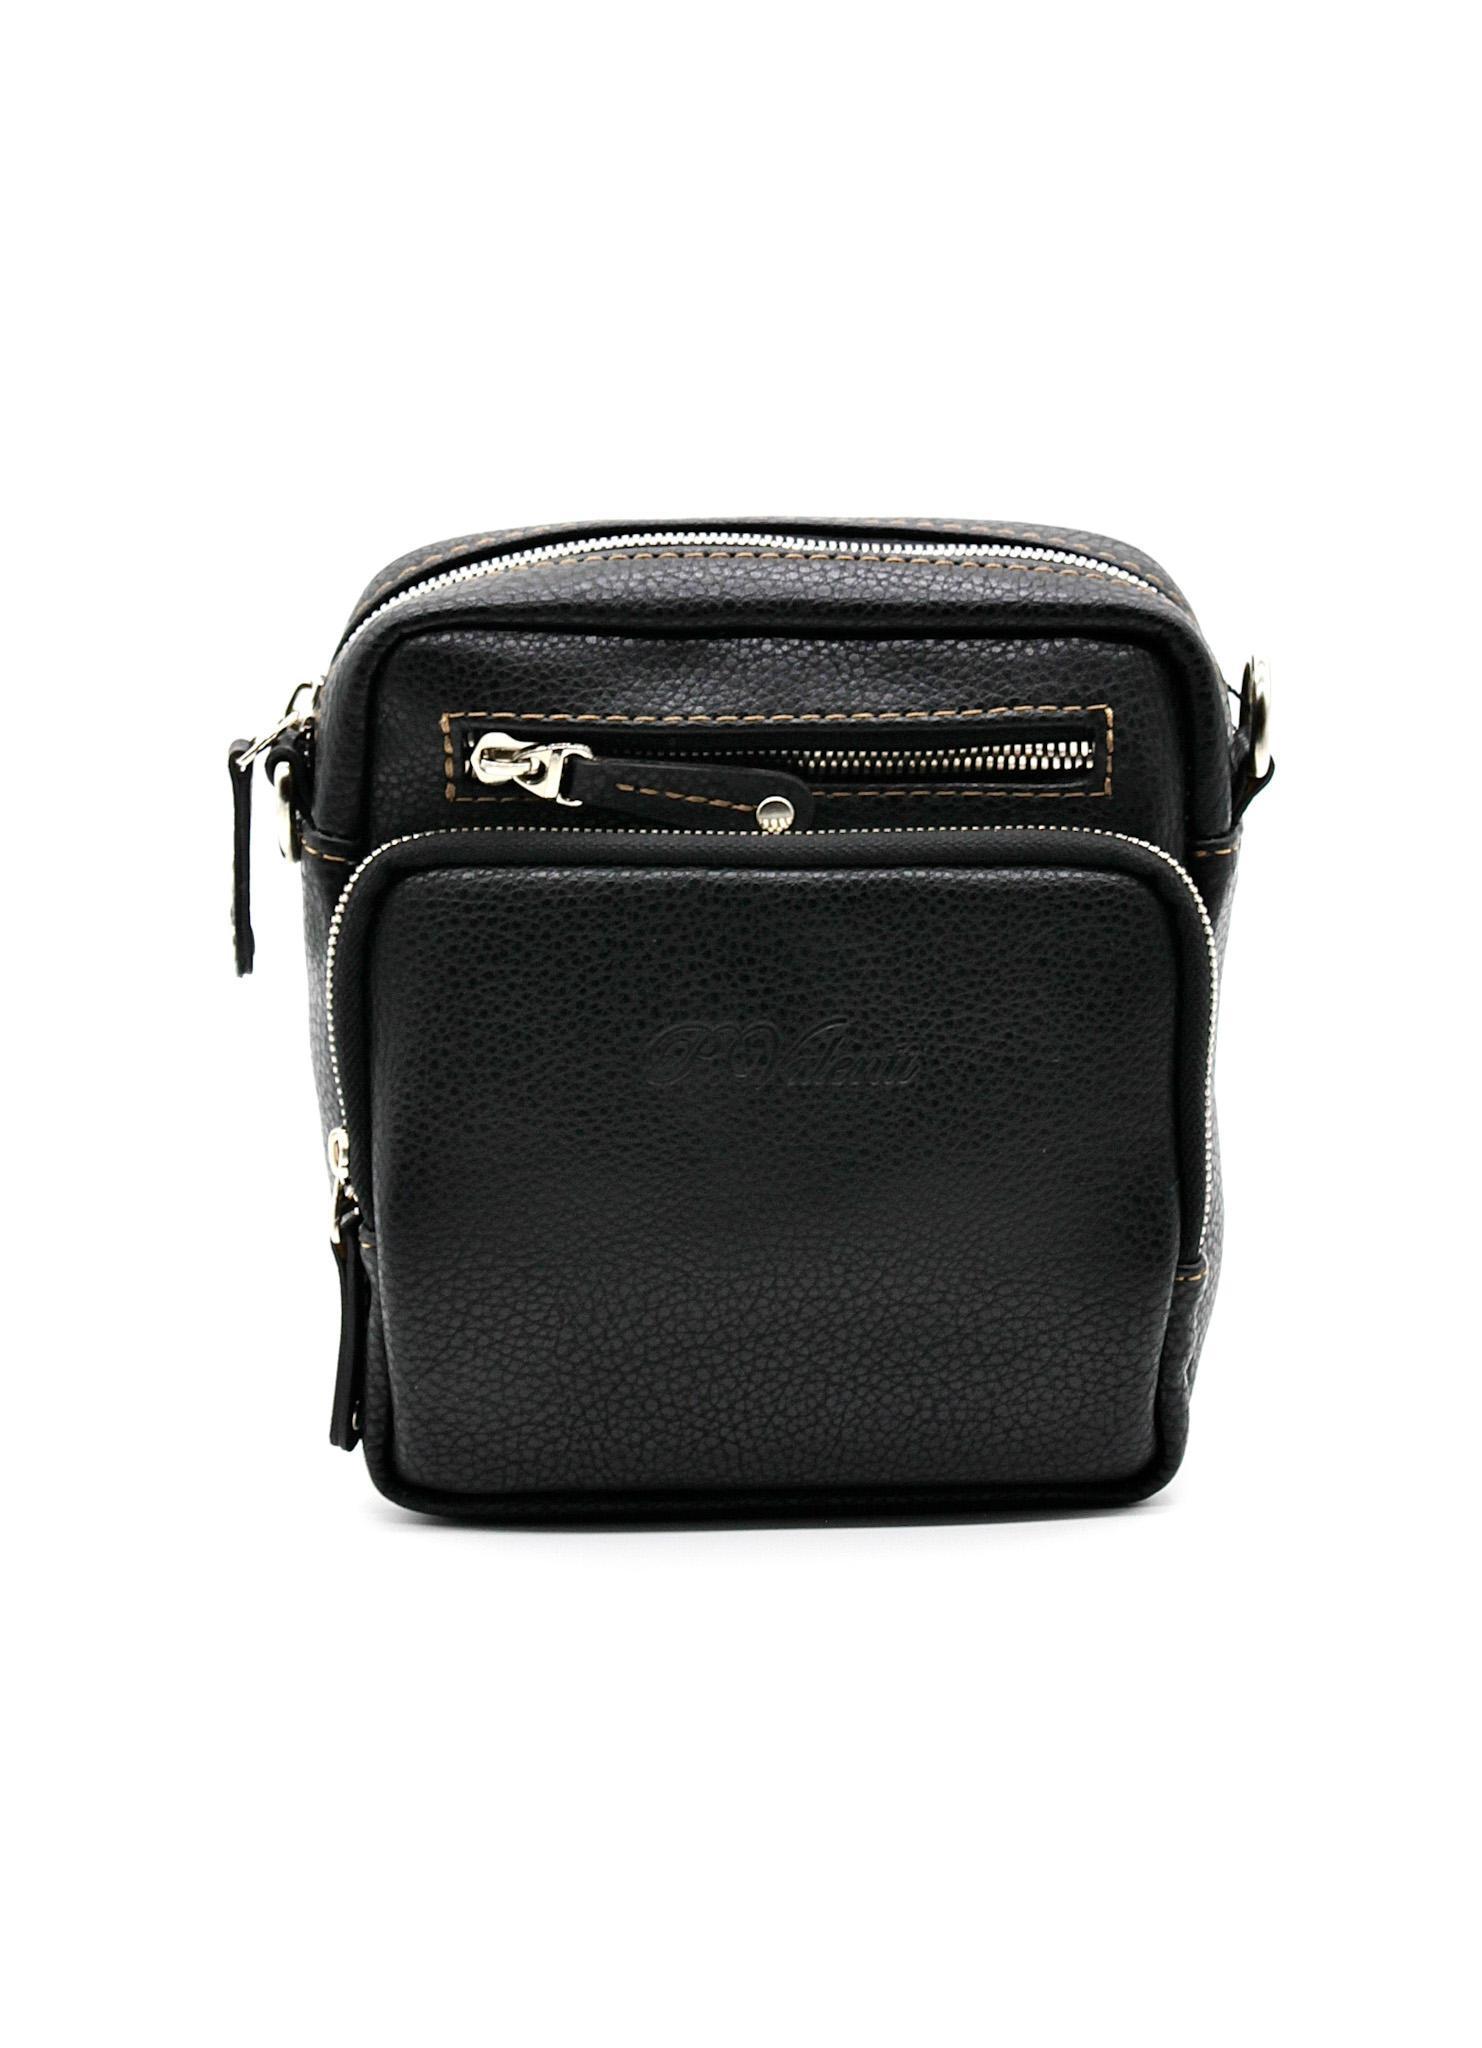 Фото мужская наплечная сумка чёрная маленькая 17х16х4 смиз искусственной кожи Paulo Valenti TK-A21